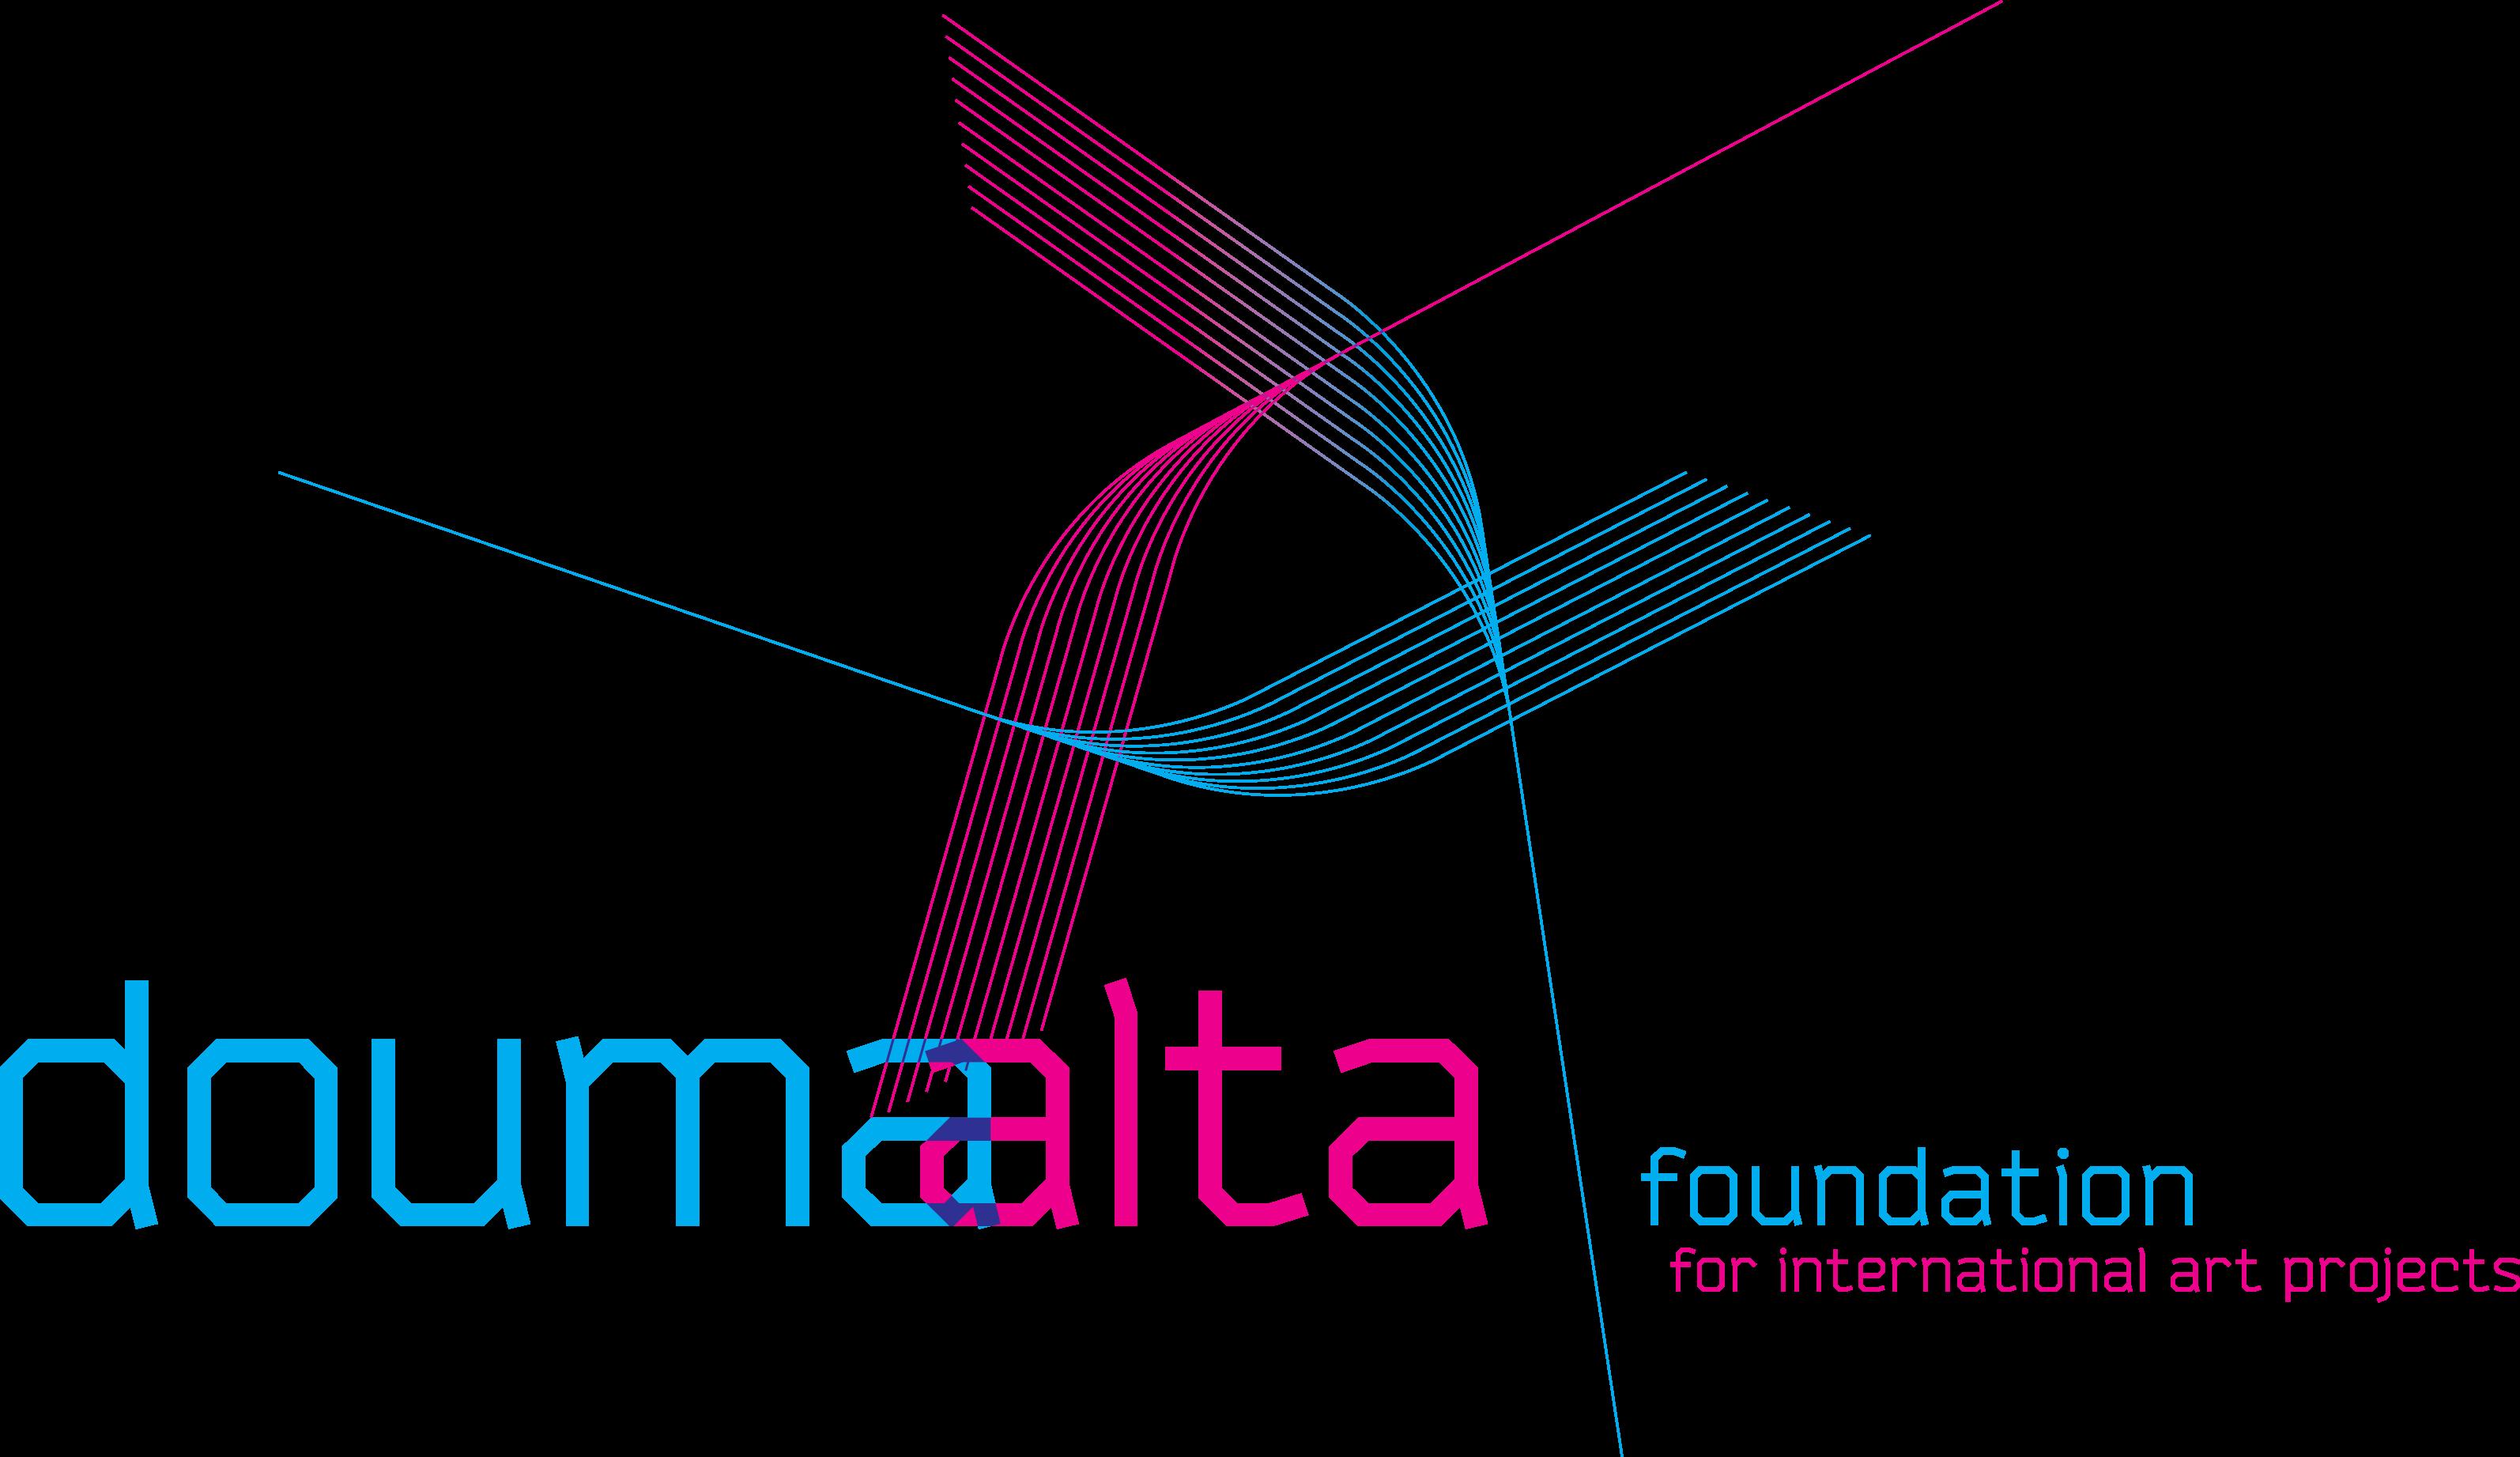 Douma-Alta Foundation